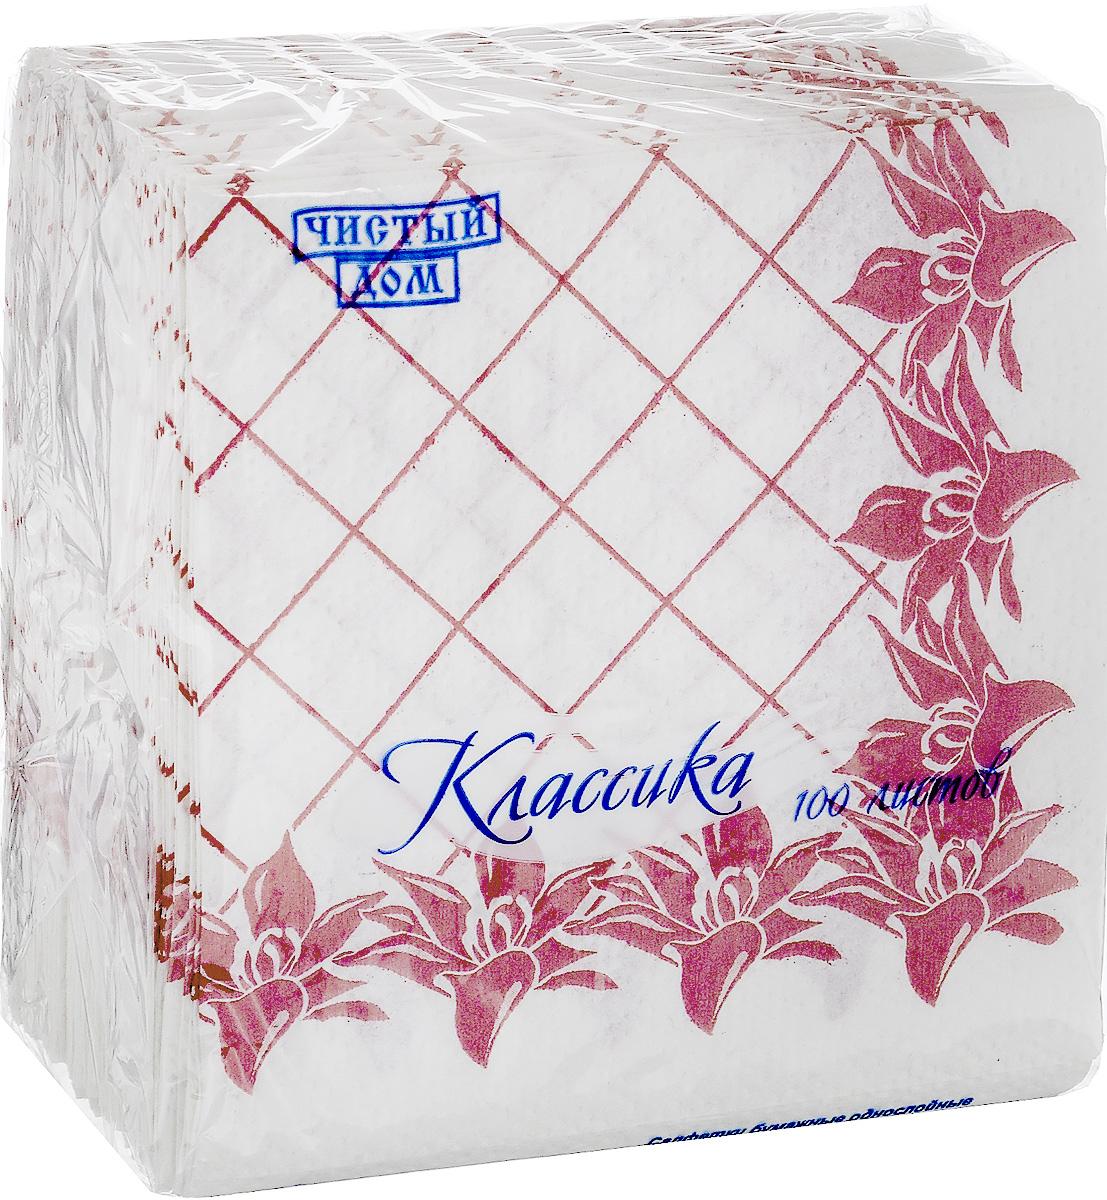 Салфетки бумажные Чистый дом Классика, однослойные, цвет: белый, розовый, 25 х 25 см, 100 шт4606920000043_белый, розовыйОднослойные салфетки Чистый дом Классика выполнены из 100% целлюлозы. Салфетки подходят для косметического, санитарно-гигиенического и хозяйственного назначения. Нежные и мягкие. Салфетки украшены узором. Размер салфеток: 25 х 25 см.